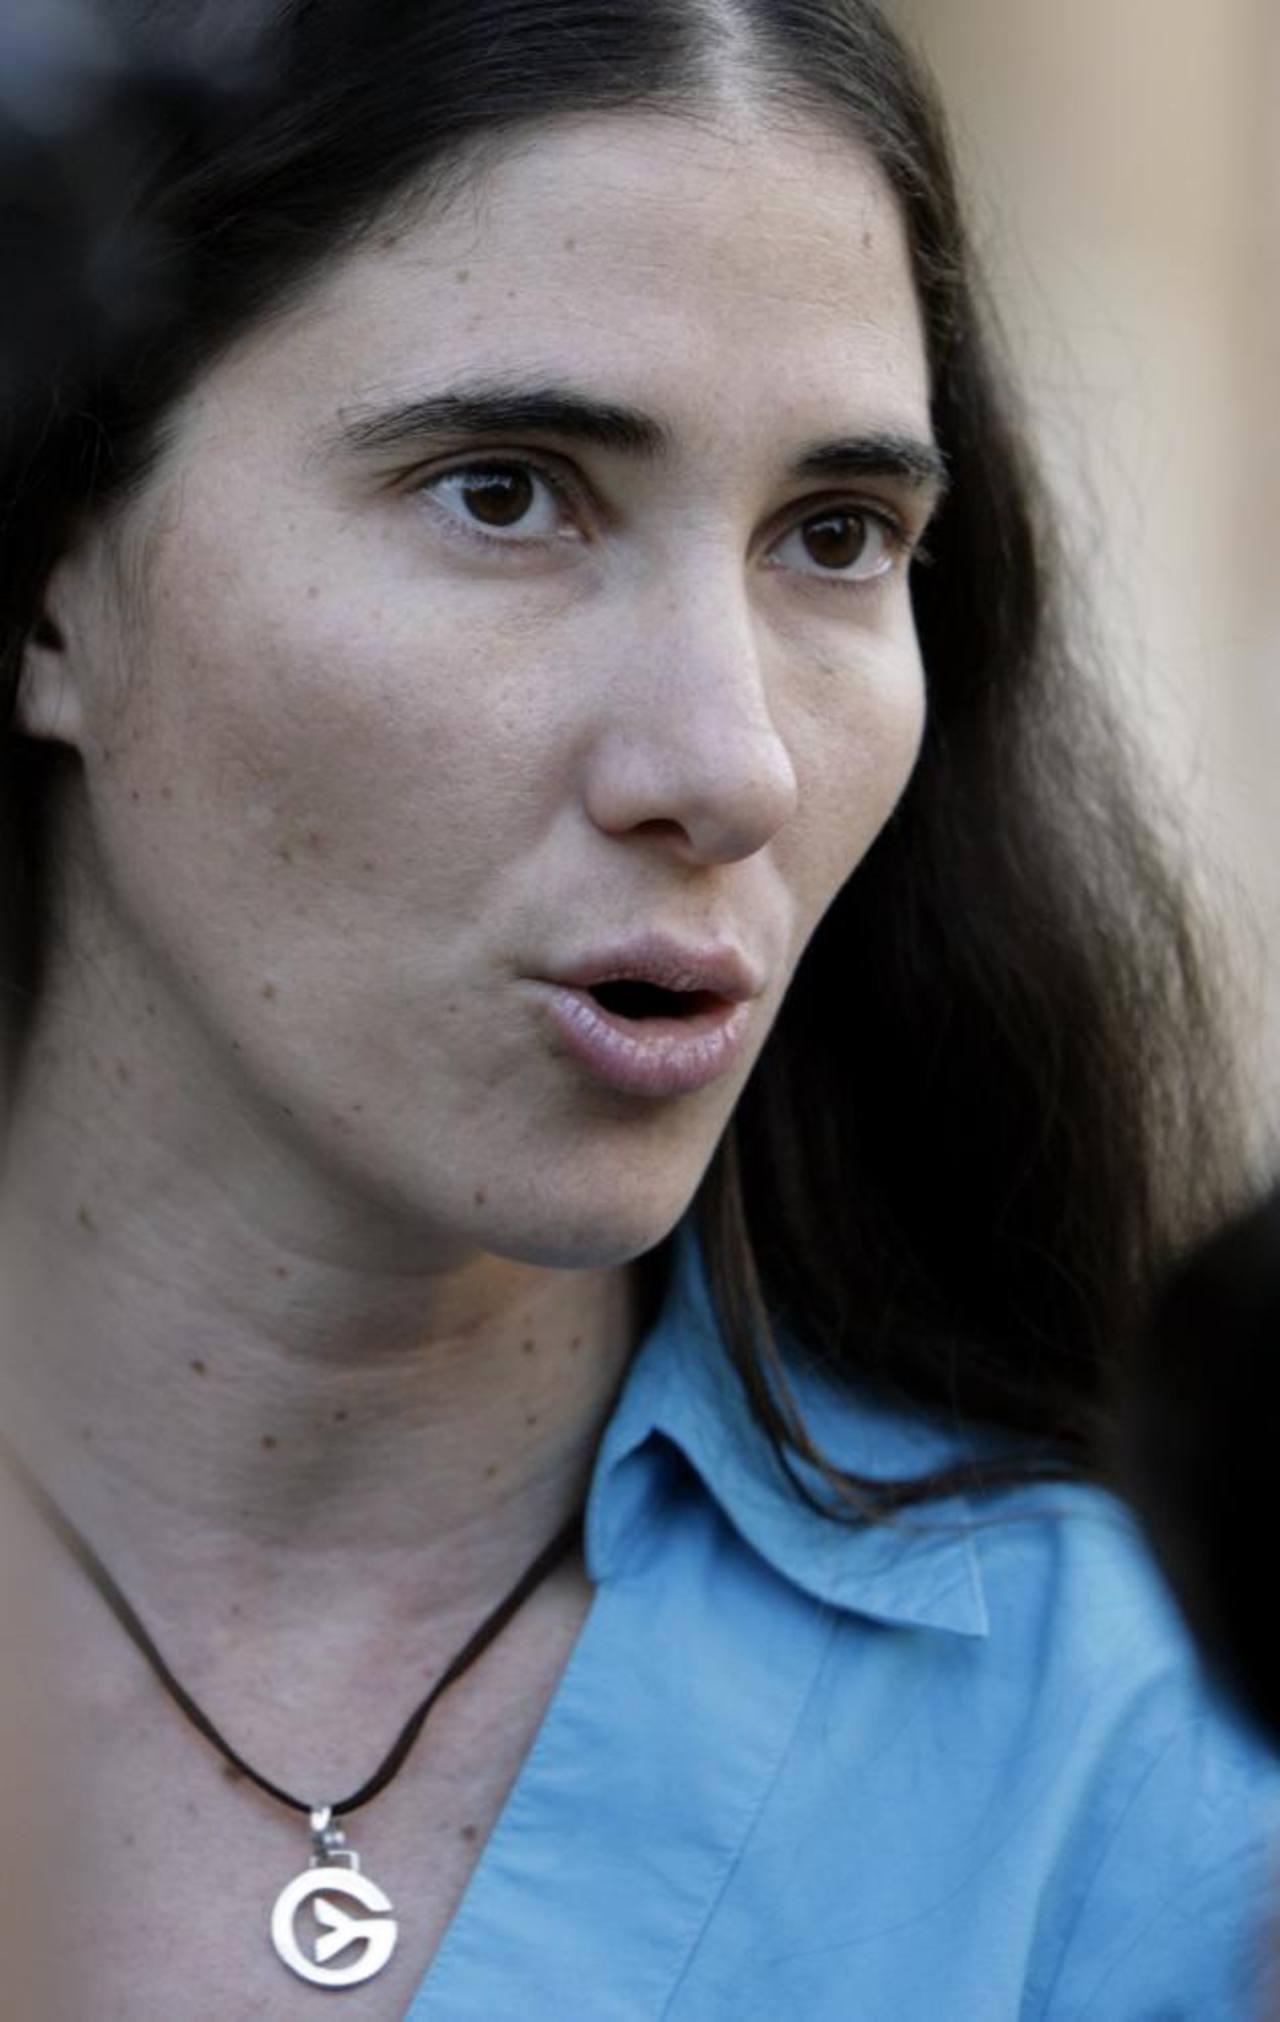 Yoani Sánchez, bloguera opositora creadora del sitio Generación Y.